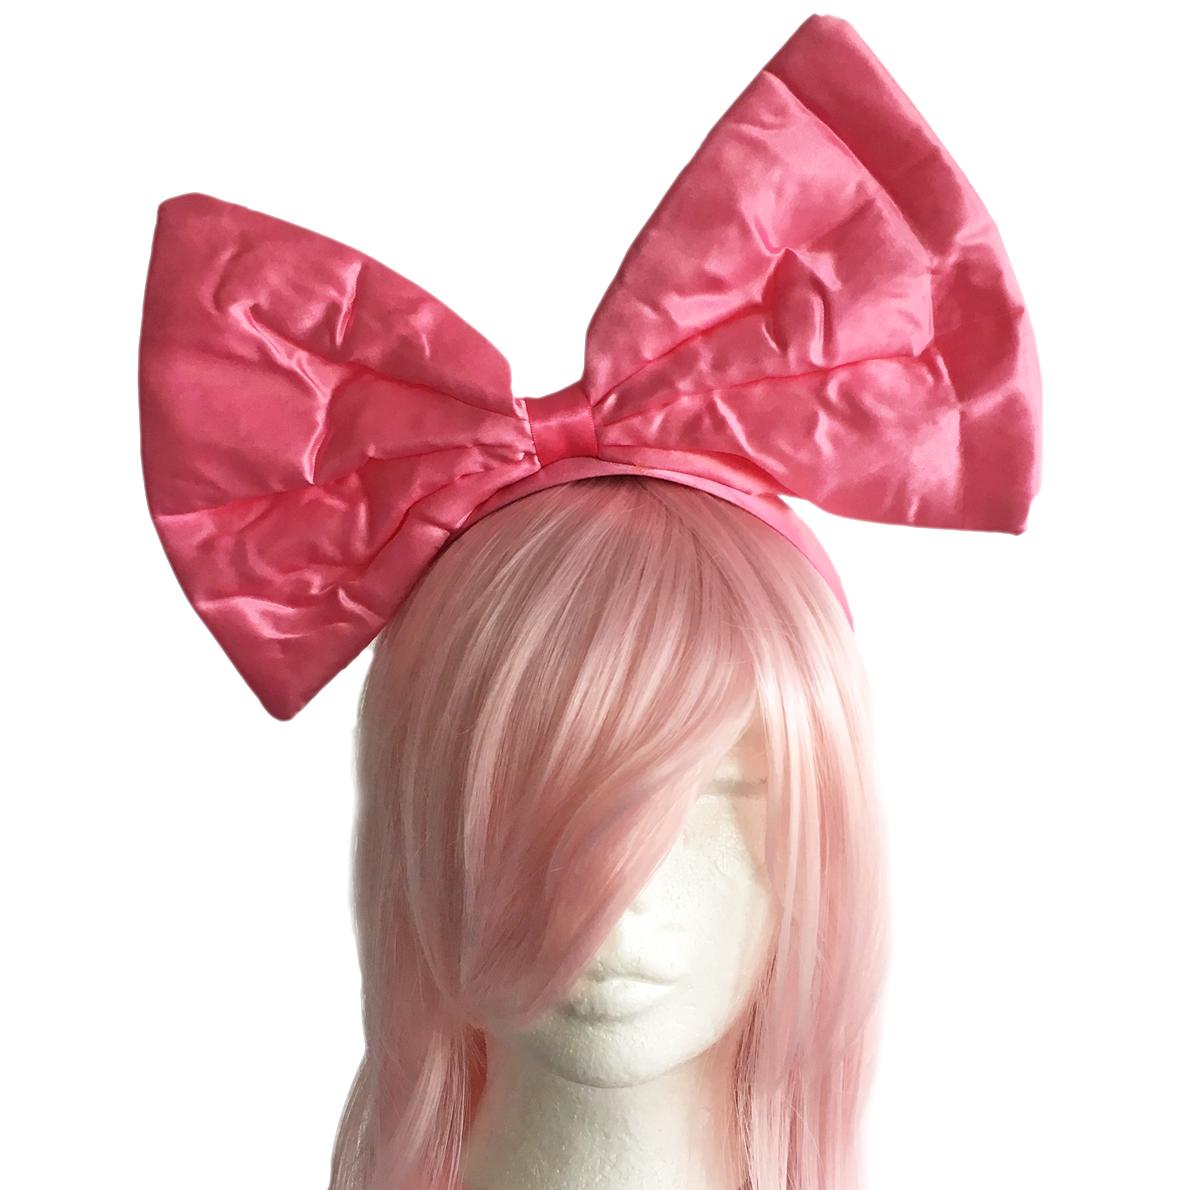 rosa rosett till håret